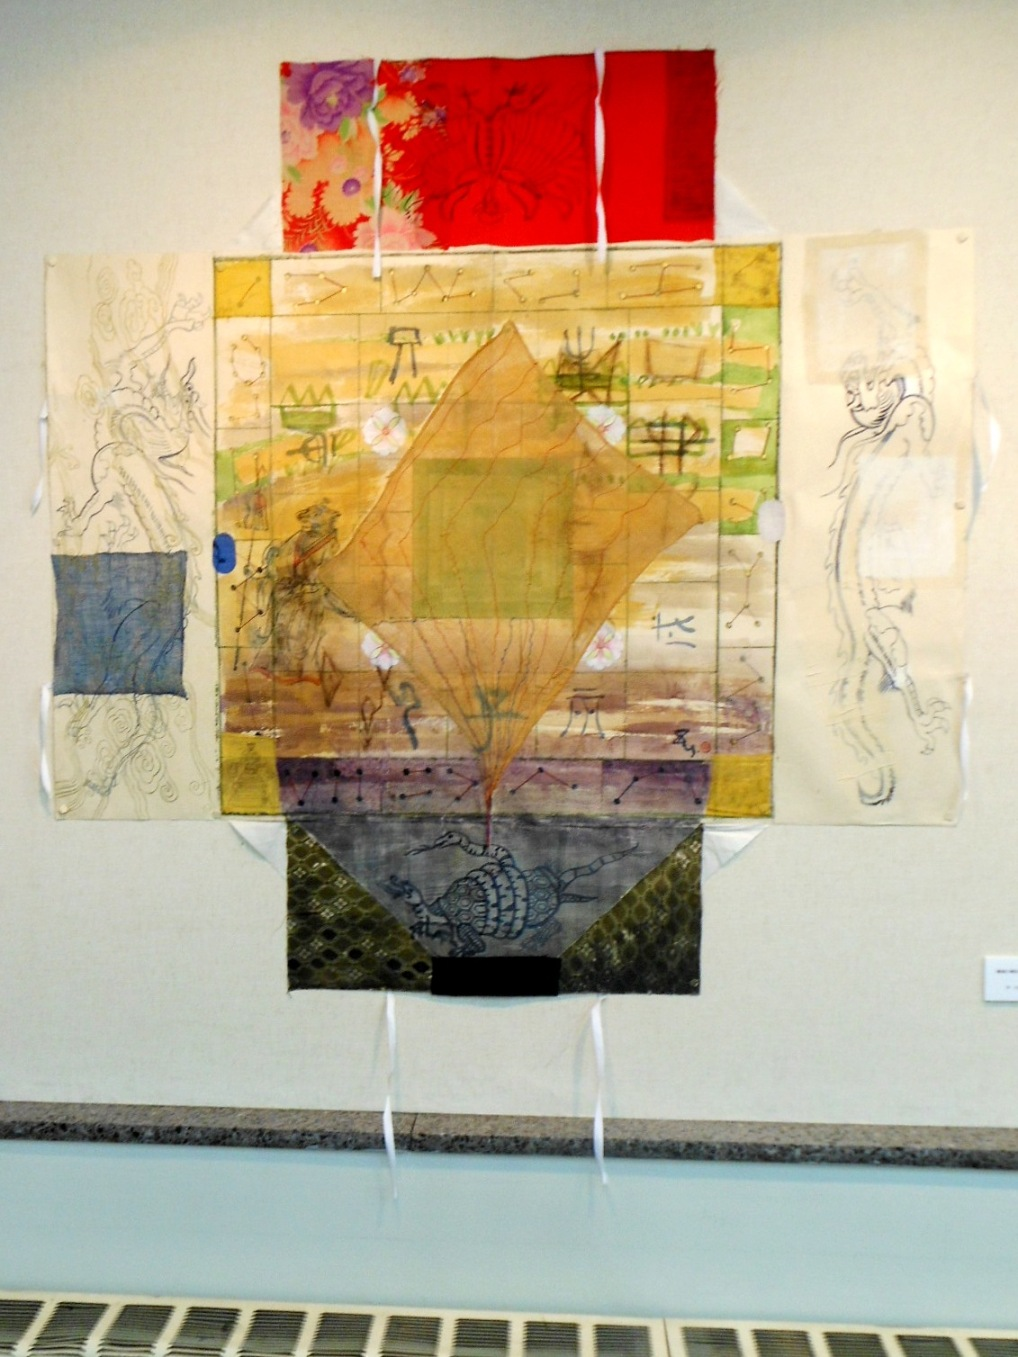 1771)①「北の日本画展 第27回」 時計台 終了5月21日(月)~5月26日(土)  _f0126829_1747917.jpg